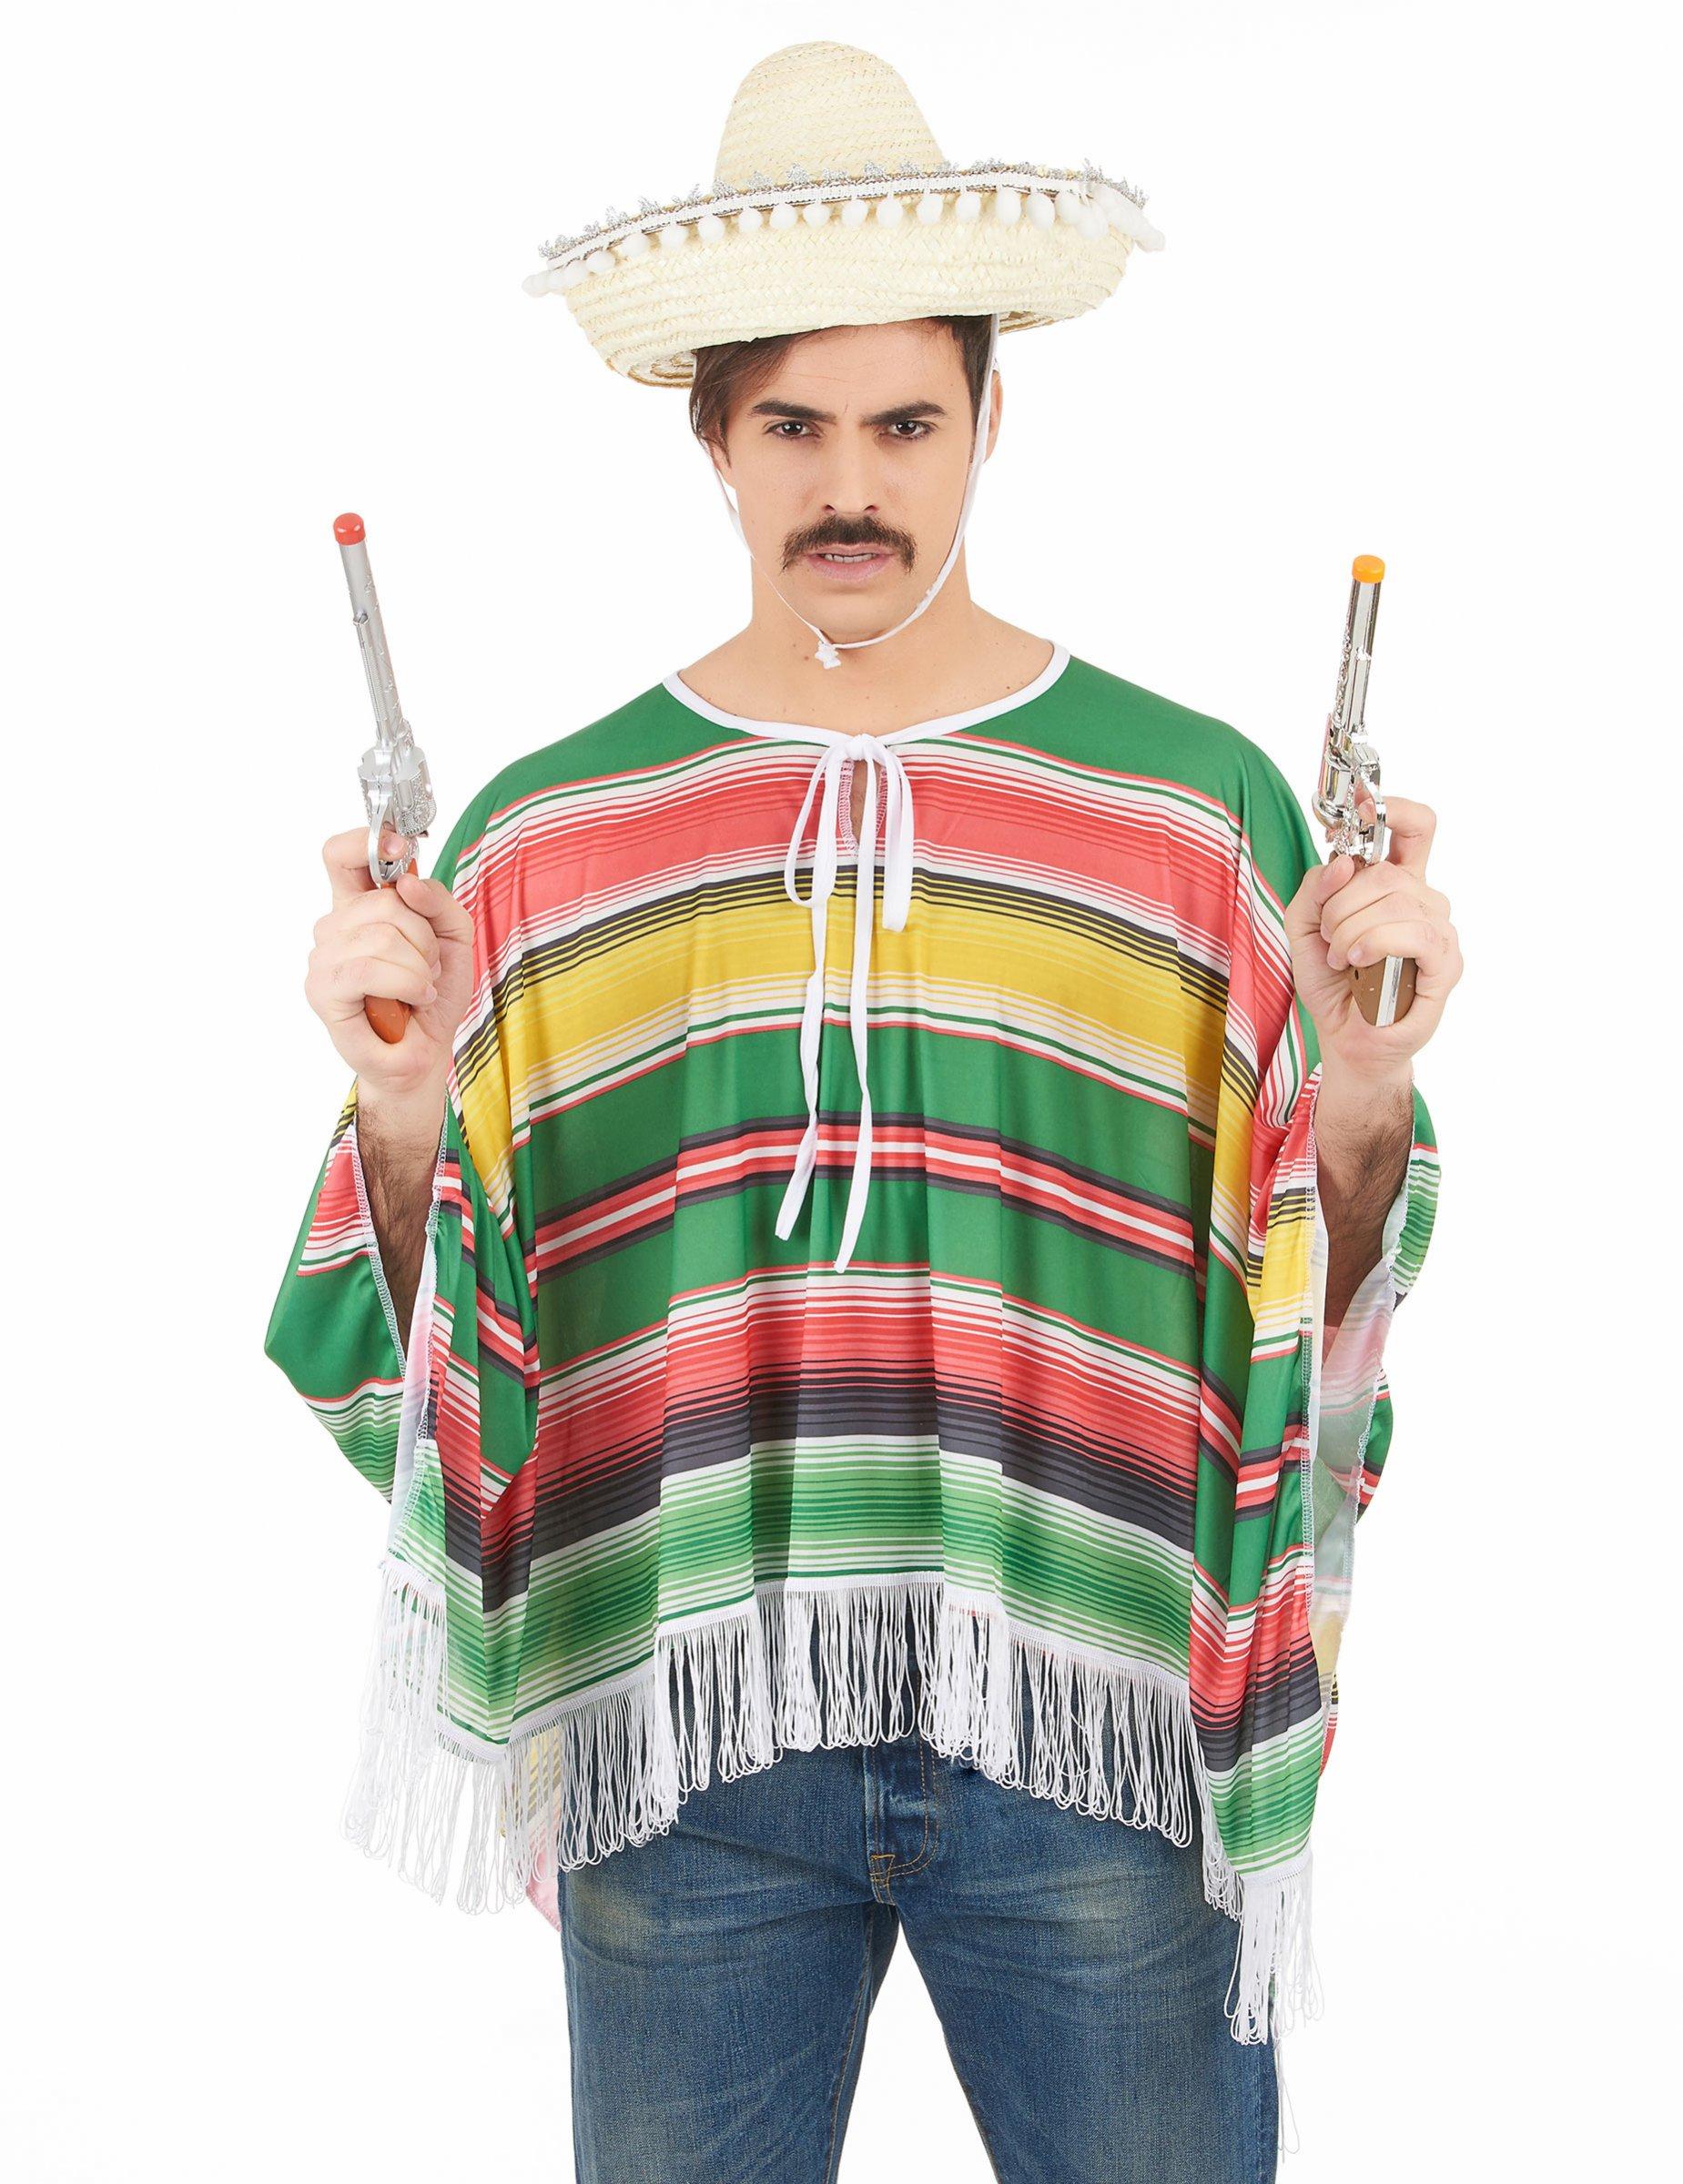 Mexikaner-Kostüm Poncho für Herren bunt 37860